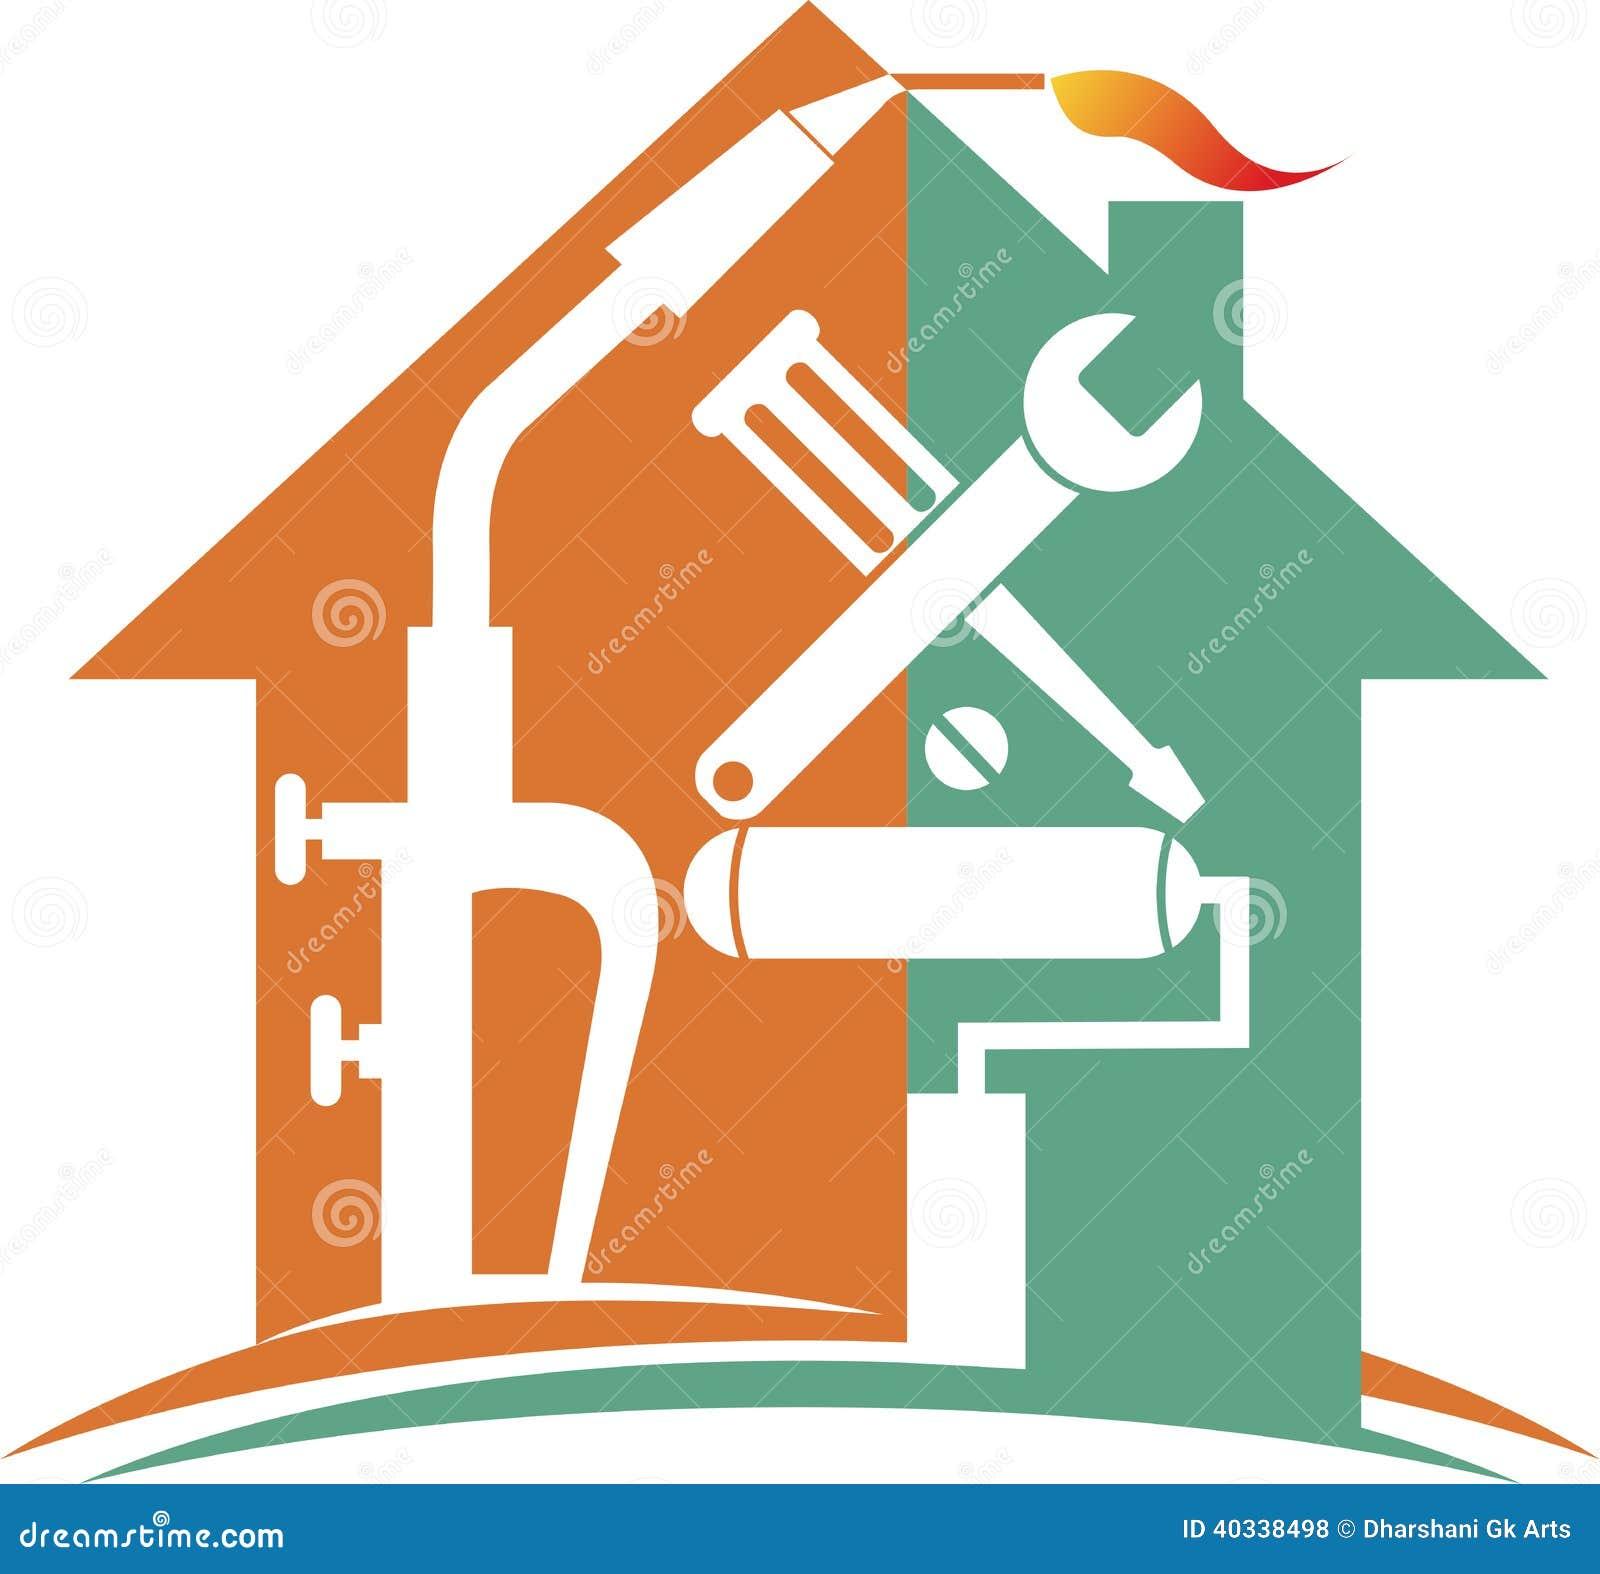 home repair logo stock vector illustration of artwork 40338498 rh dreamstime com home repair logo ideas Home Repair Logo Clip Art